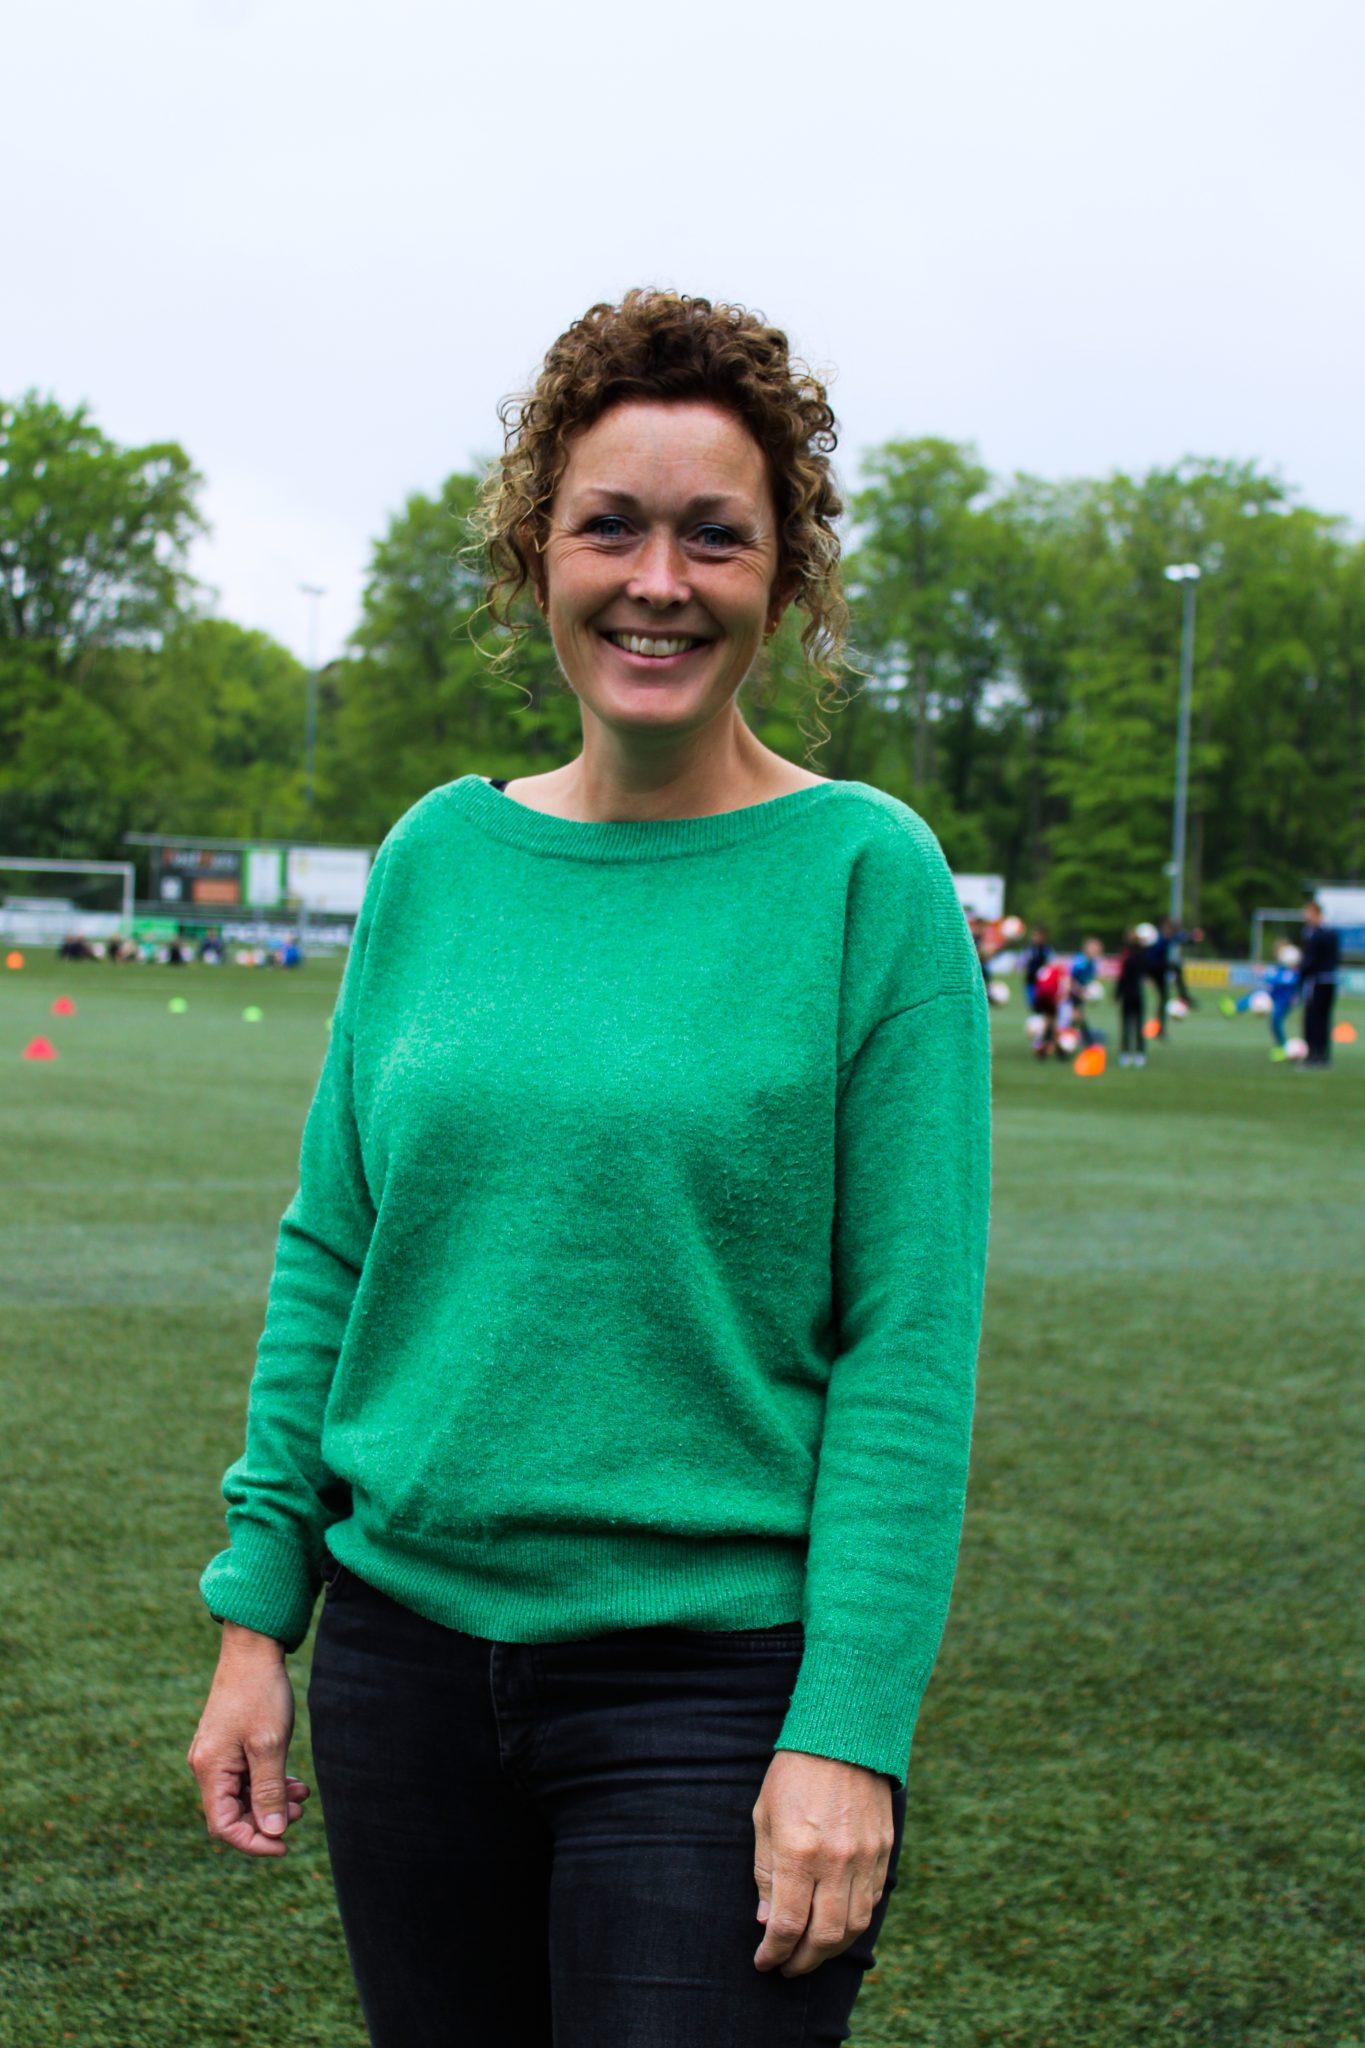 De nieuwe secretaris Heidi Eikelboom (HMC)stelt zich voor.